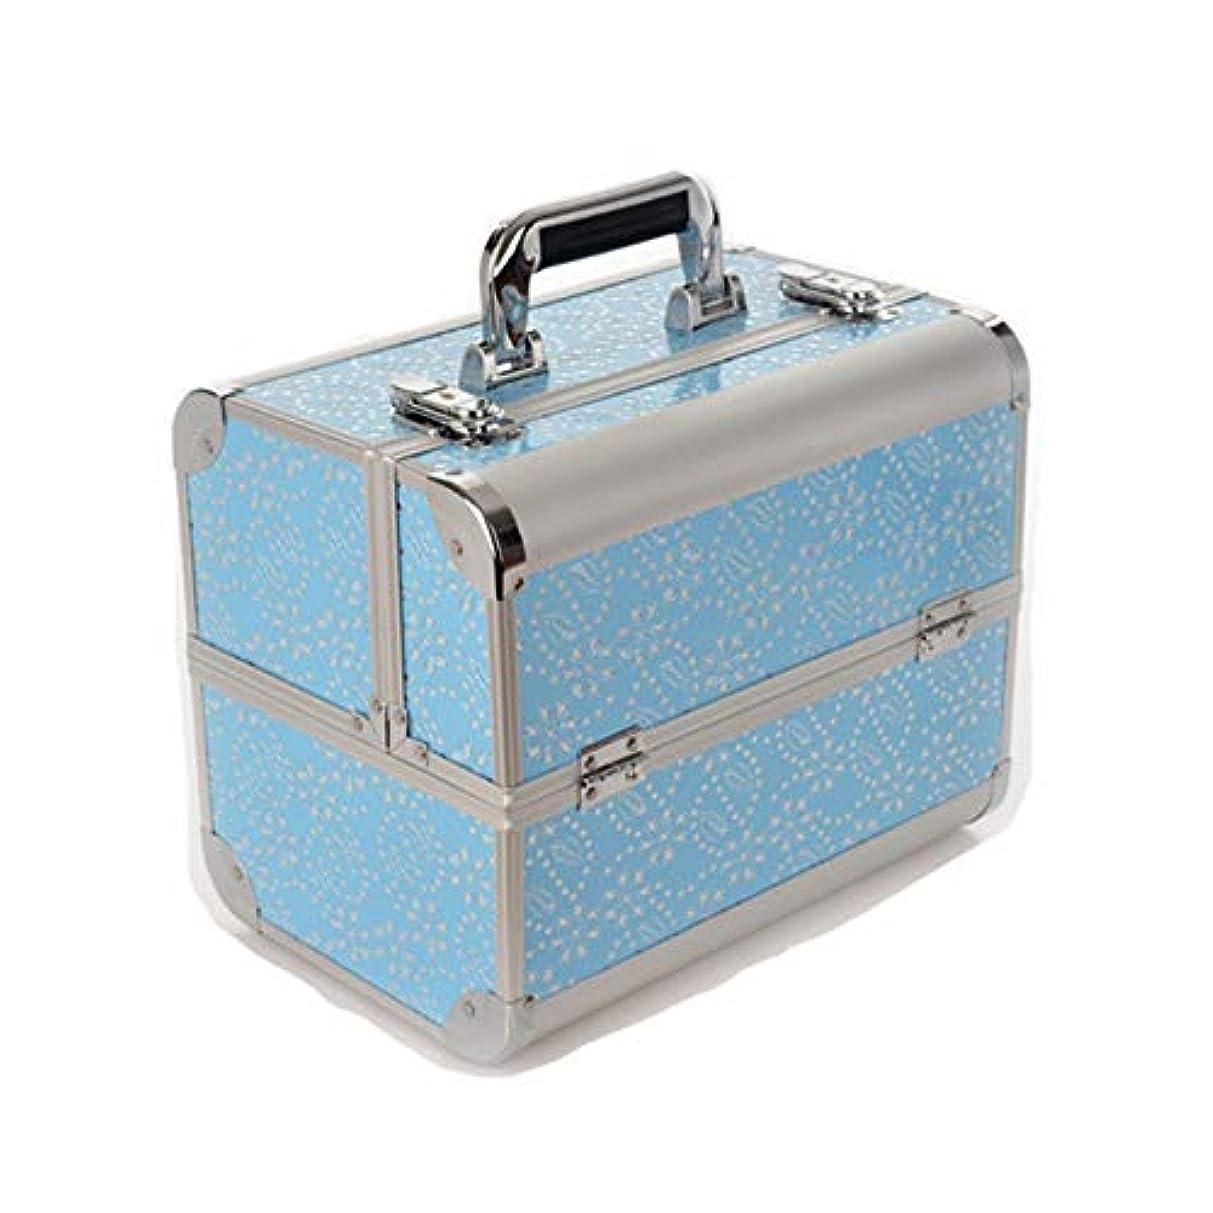 未接続まつげ政令特大スペース収納ビューティーボックス 美の構造のためそしてジッパーおよび折る皿が付いている女の子の女性旅行そして毎日の貯蔵のための高容量の携帯用化粧品袋 化粧品化粧台 (色 : 青)